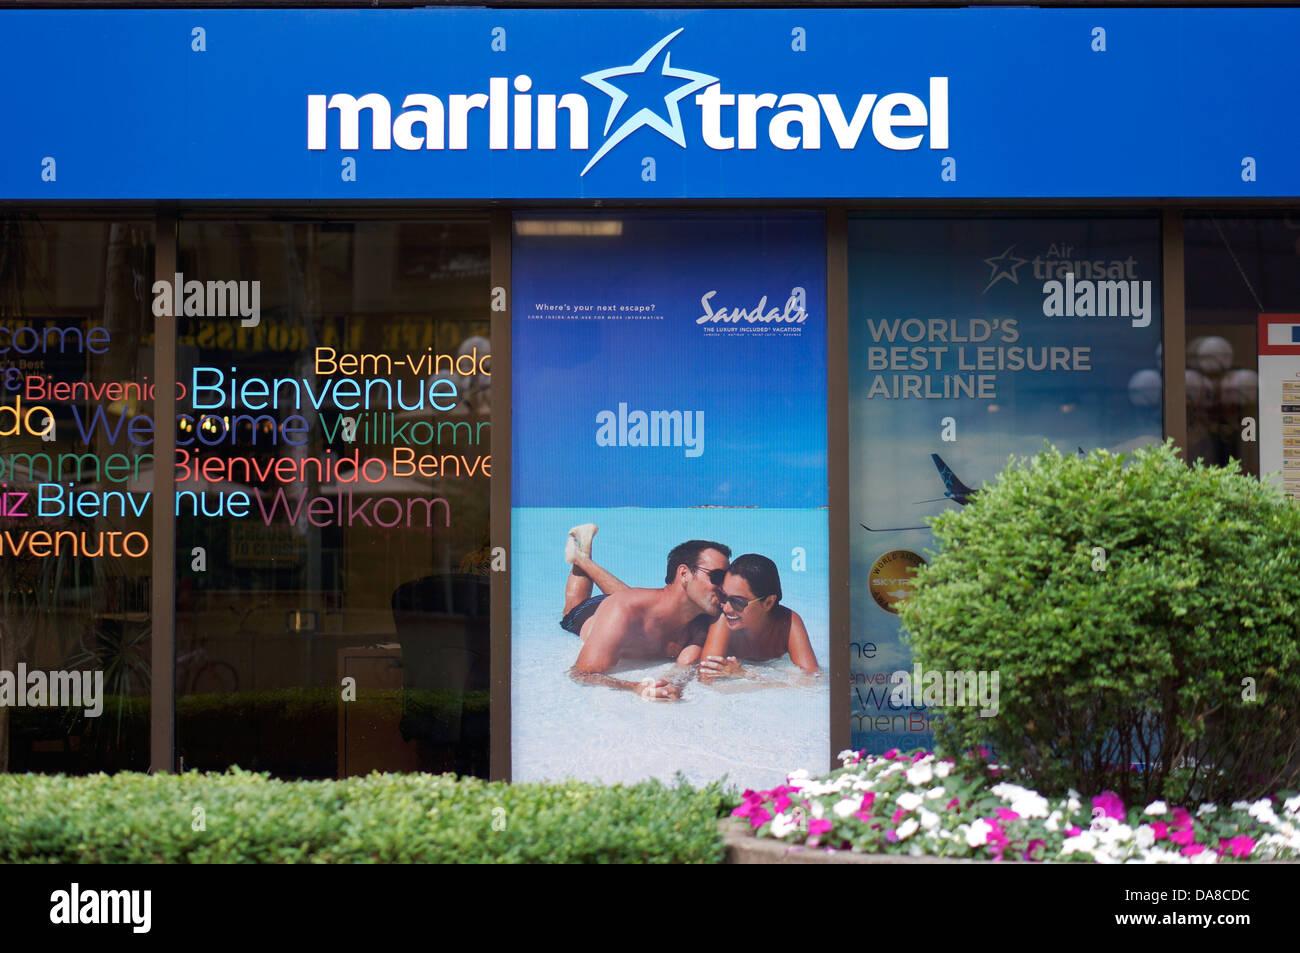 Viaggi Marlin, agente di viaggio, agenzia, Toronto Immagini Stock